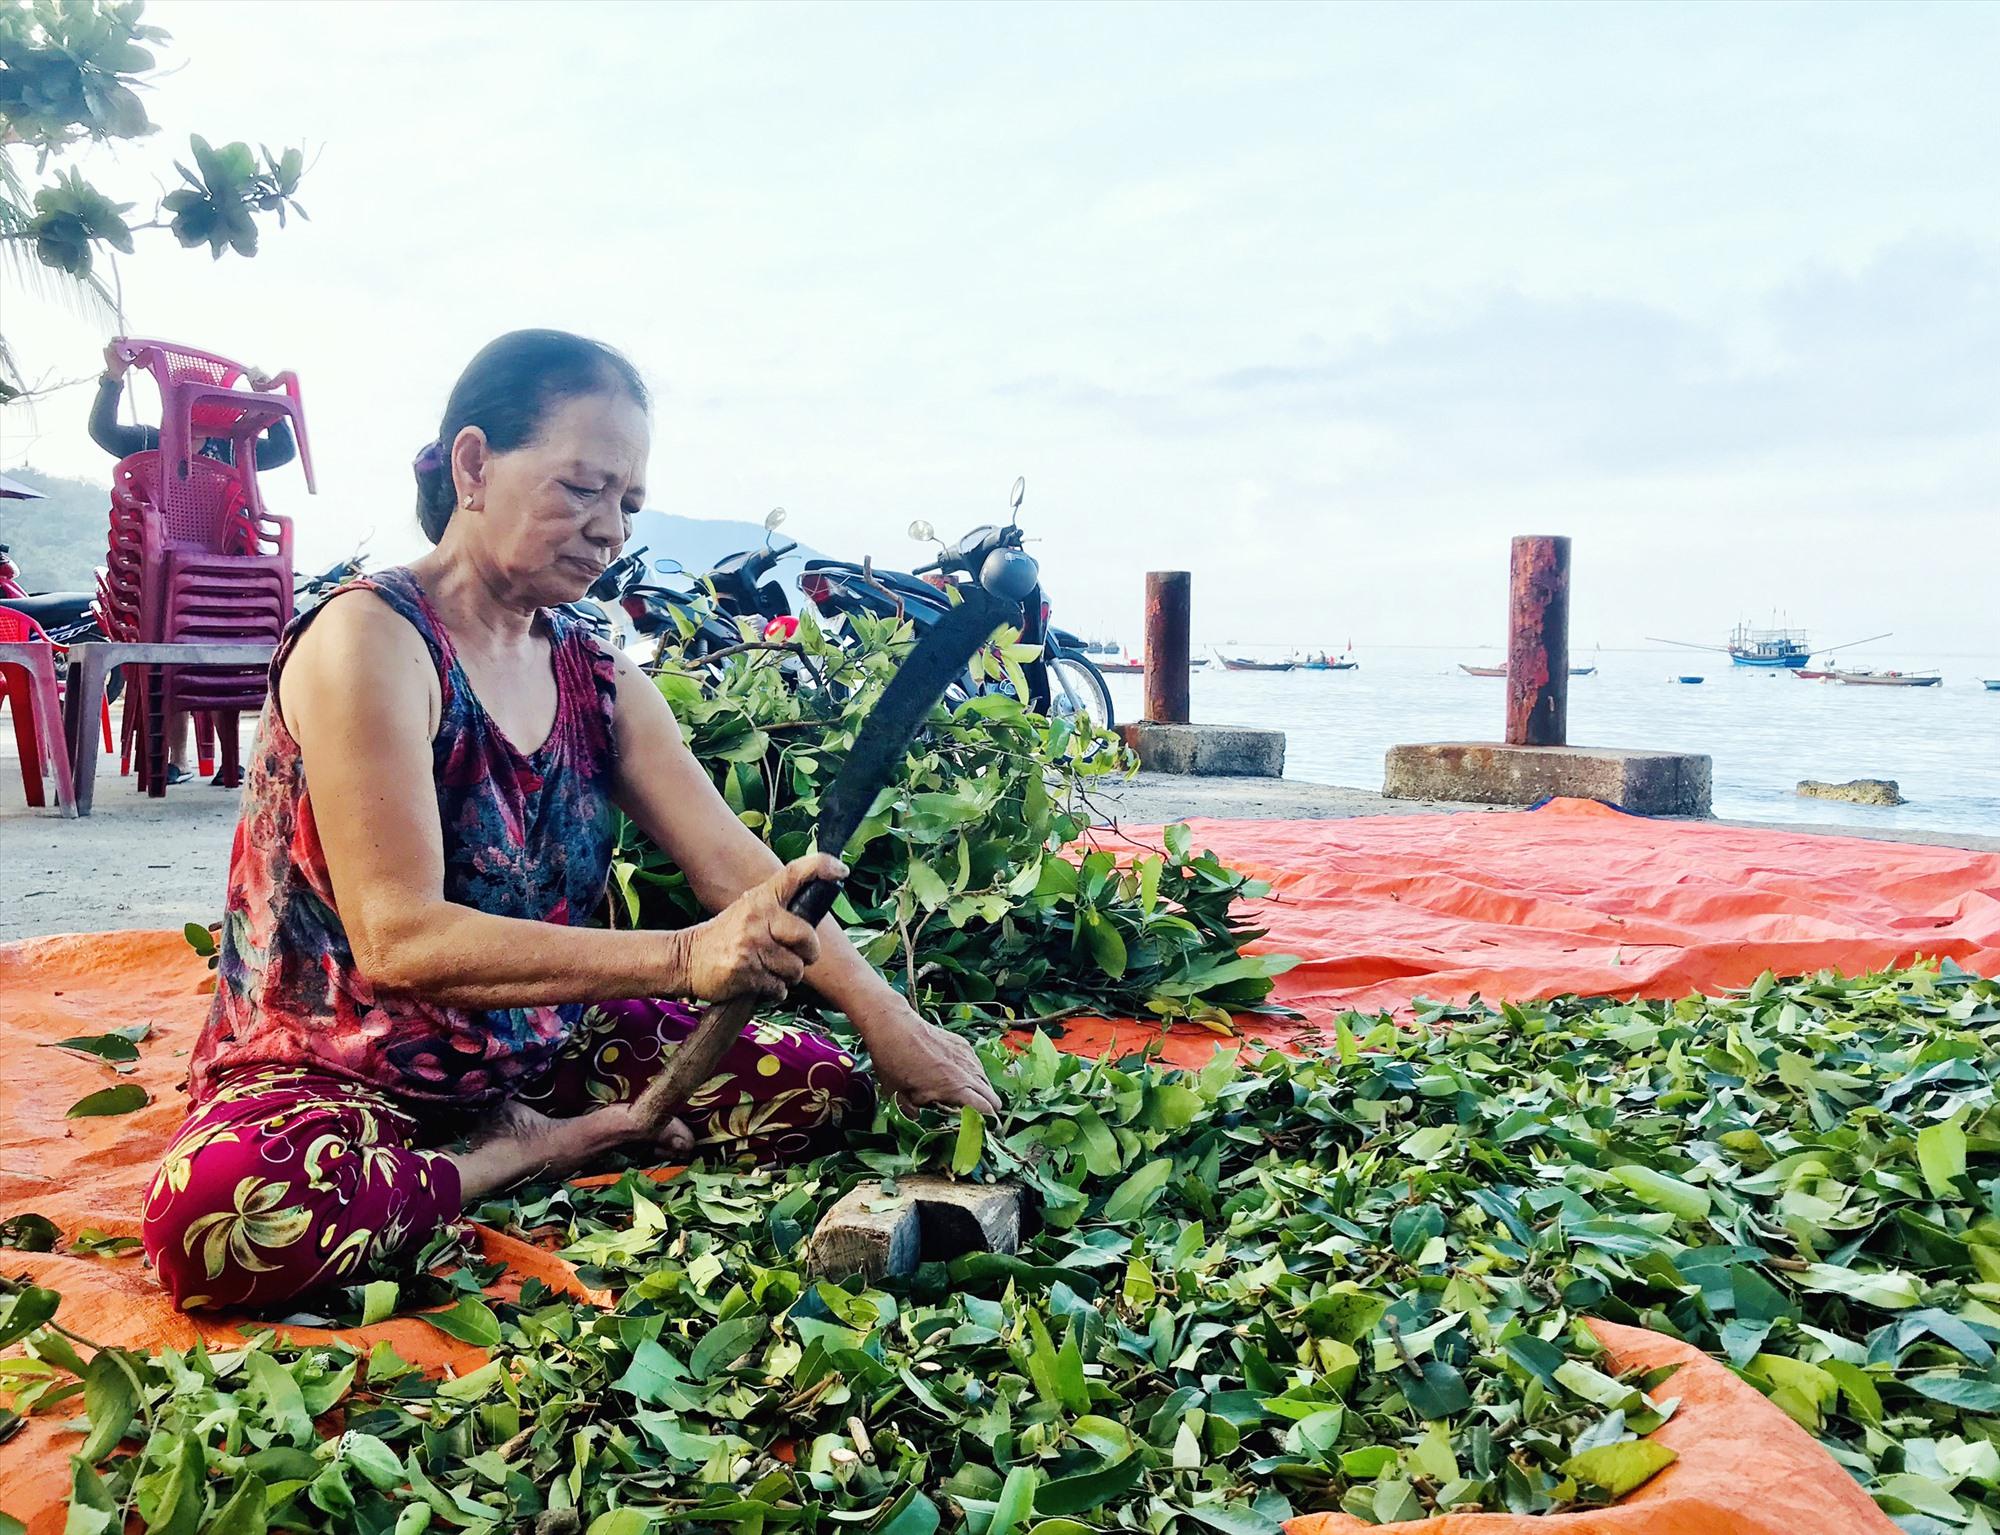 Việc khai thác lá rừng, dược liệu giúp cải thiện sinh kế người dân trên đảo. Ảnh: Q.T